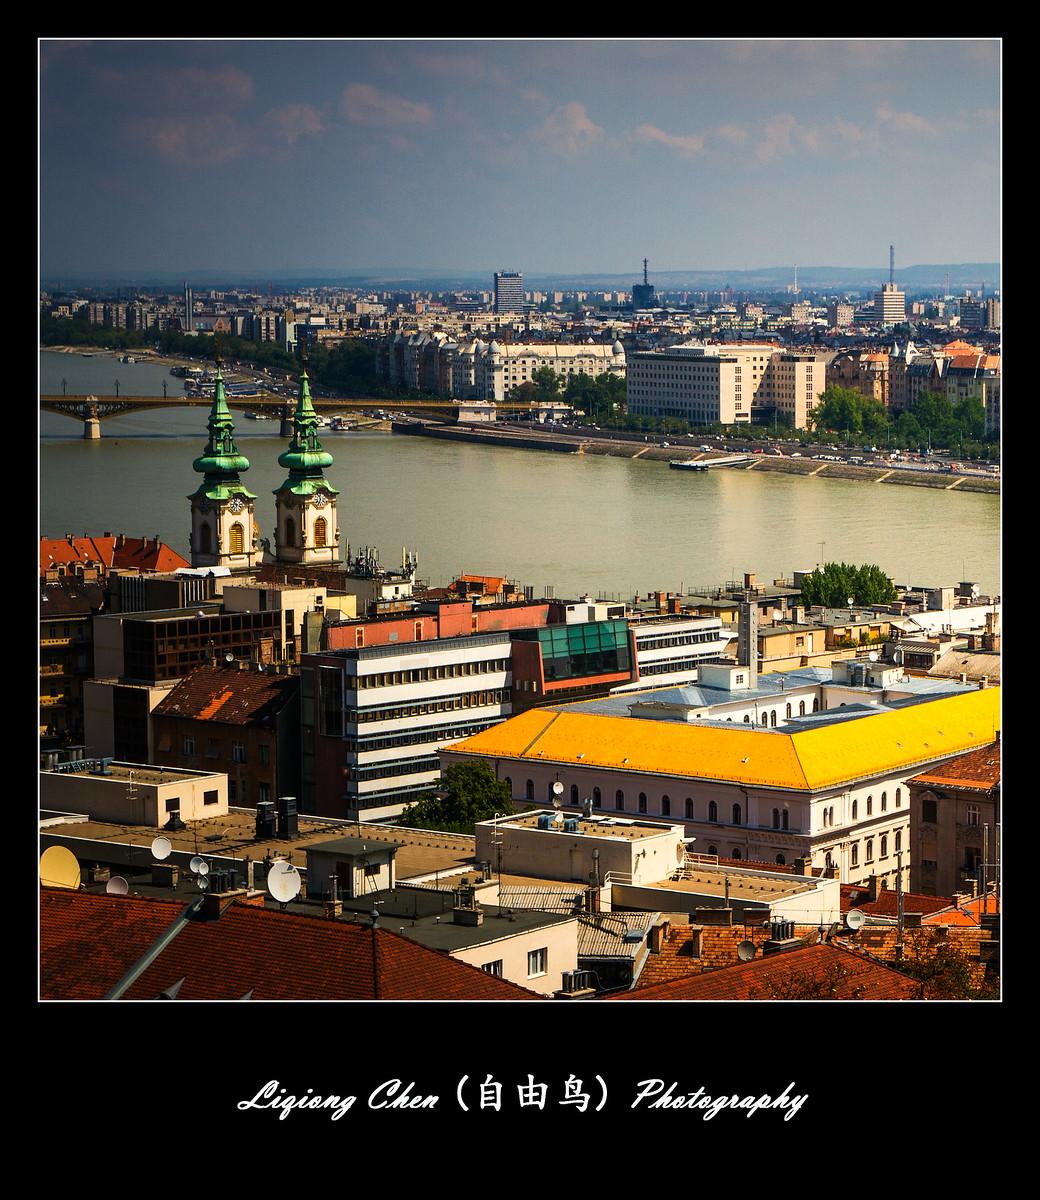 布达佩斯,多瑙河上的一颗明珠_图1-1